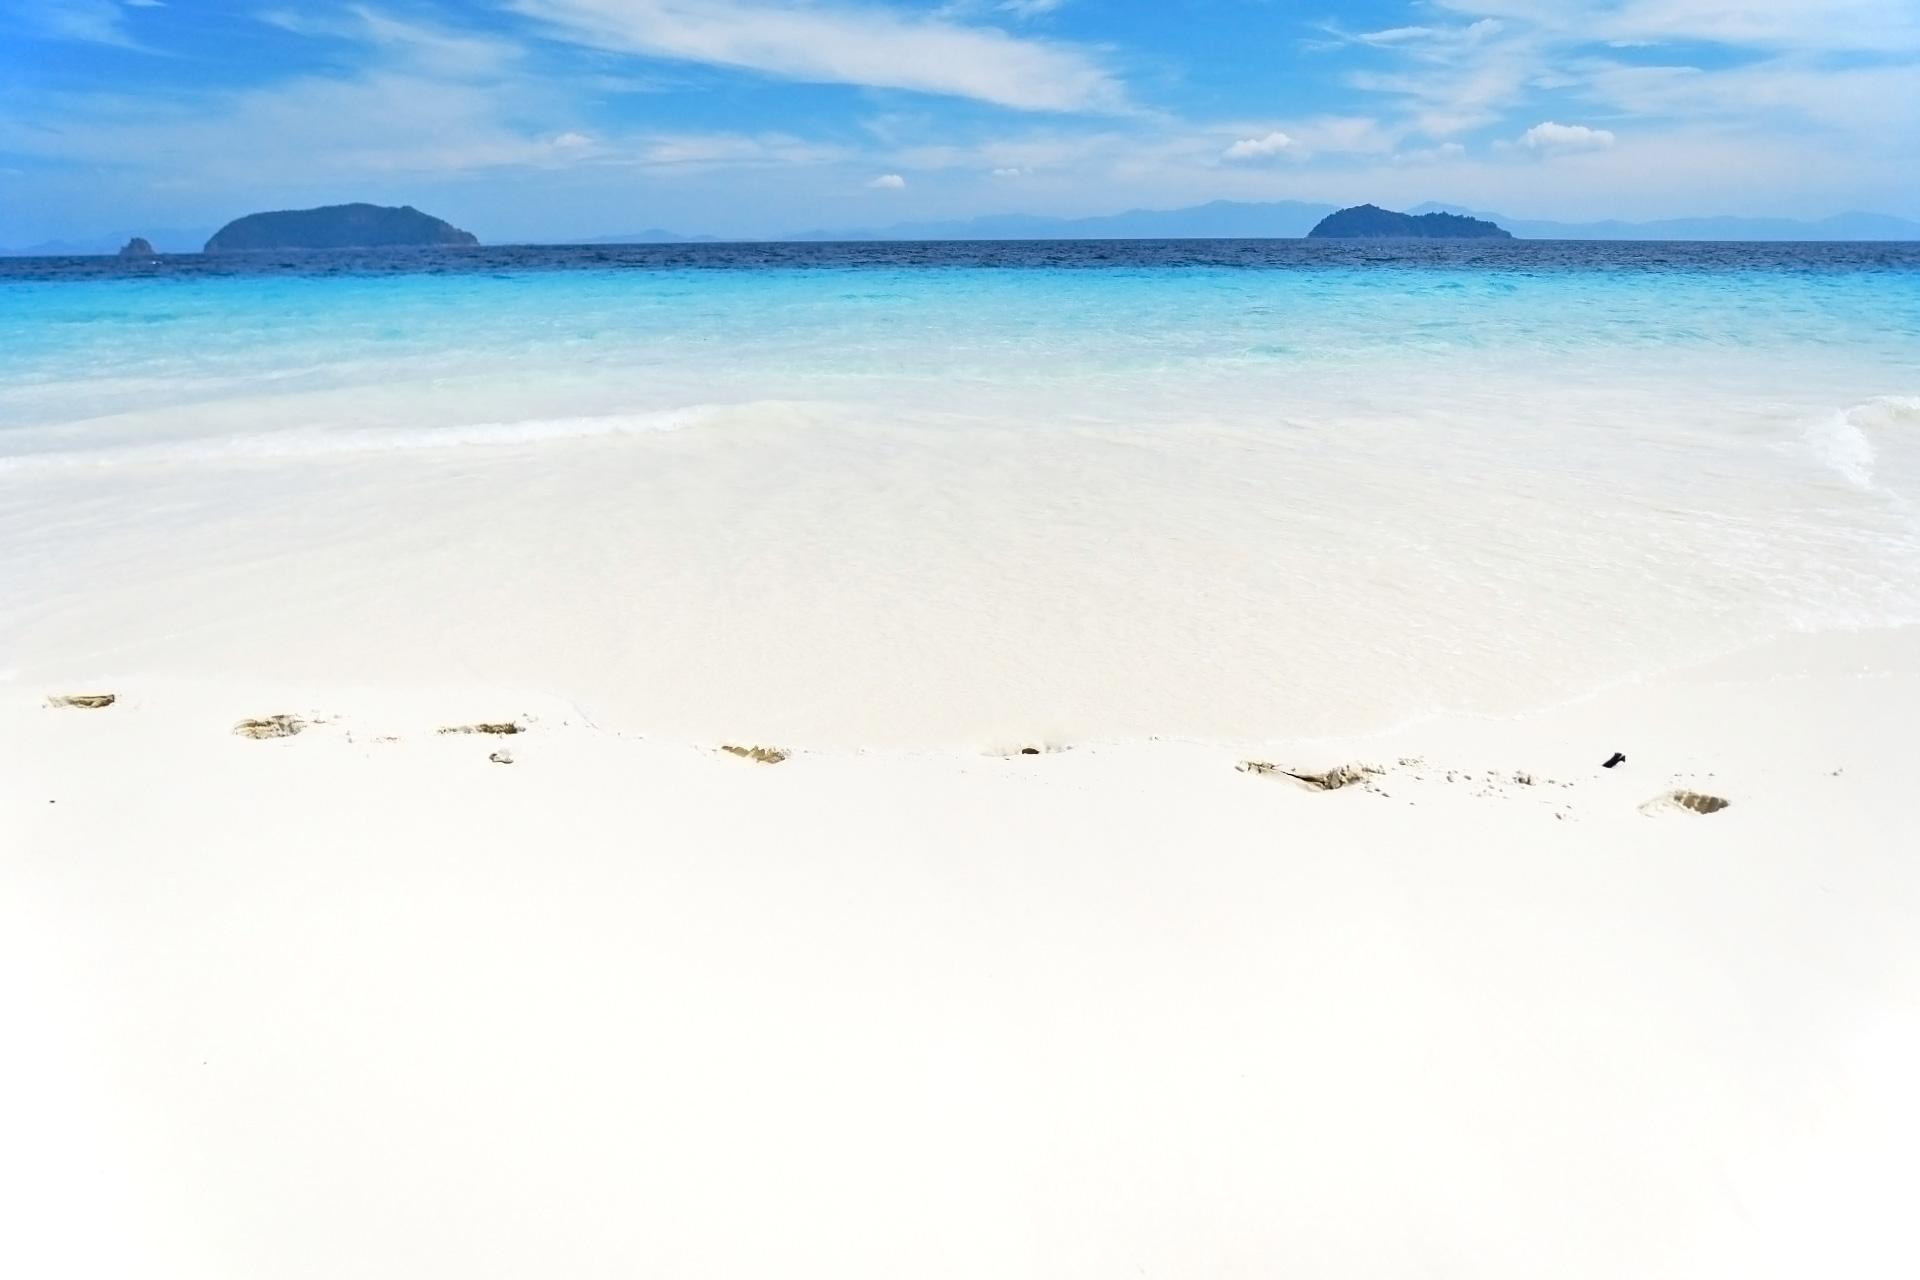 アンダマン海 ミャンマーの風景